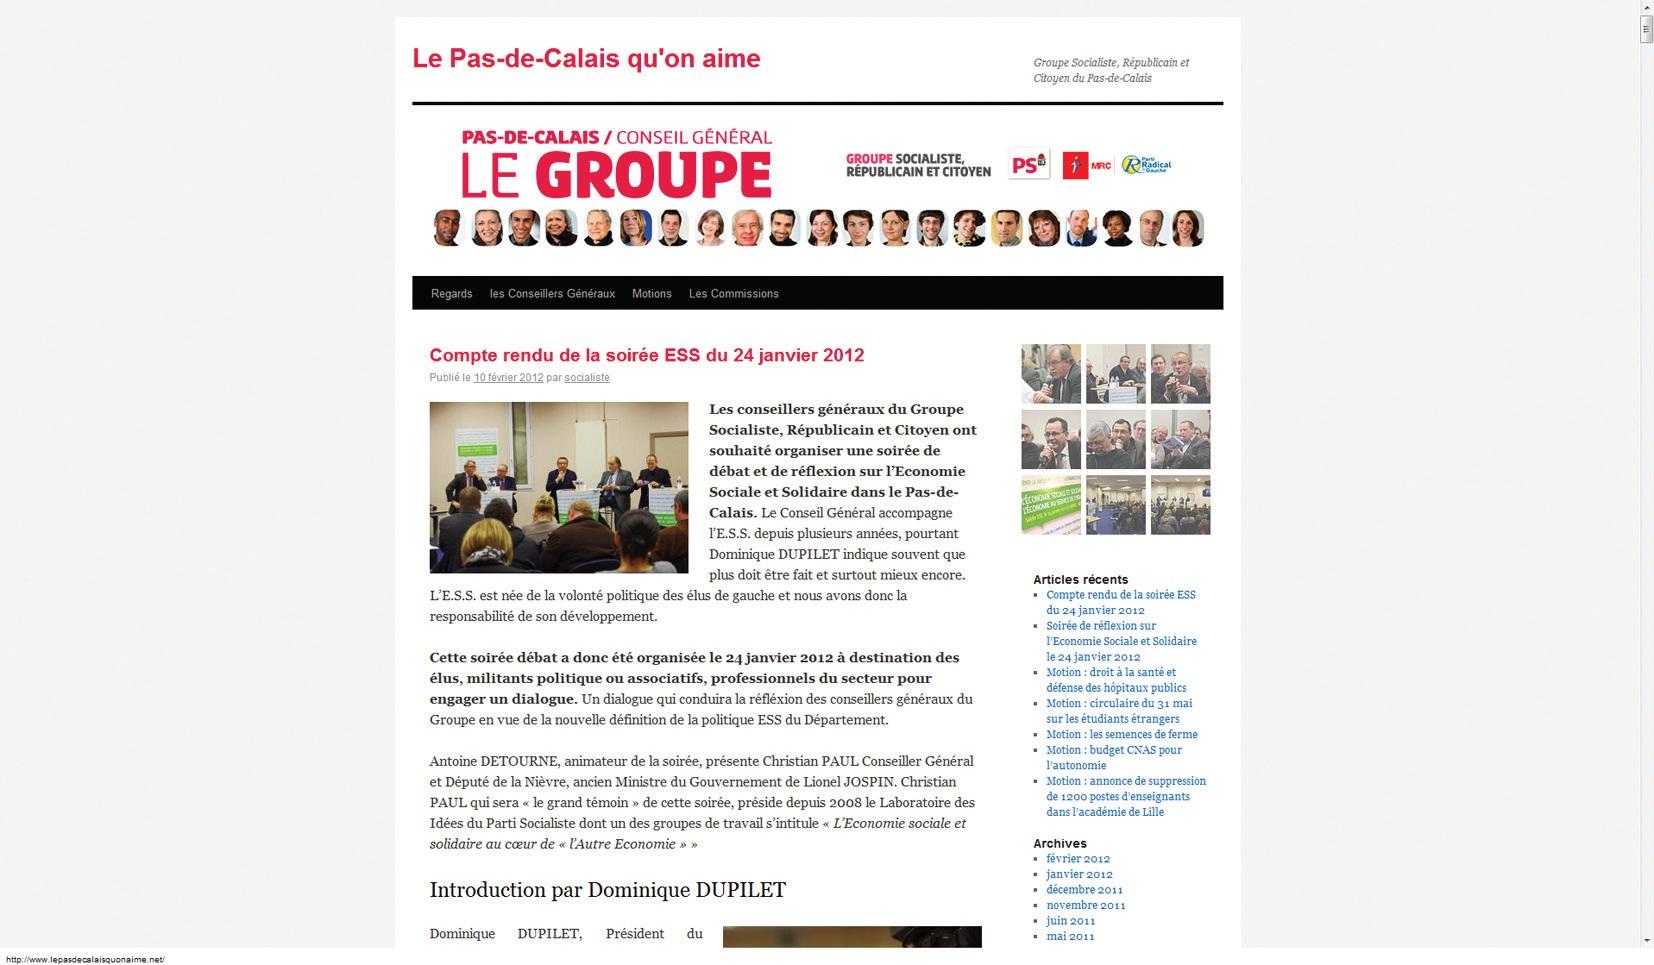 Le compte-rendu complet de cette première soirée dédiée à l'ESS est disponible sur le site internet http://www.lepasdecalaisquonaime.net.